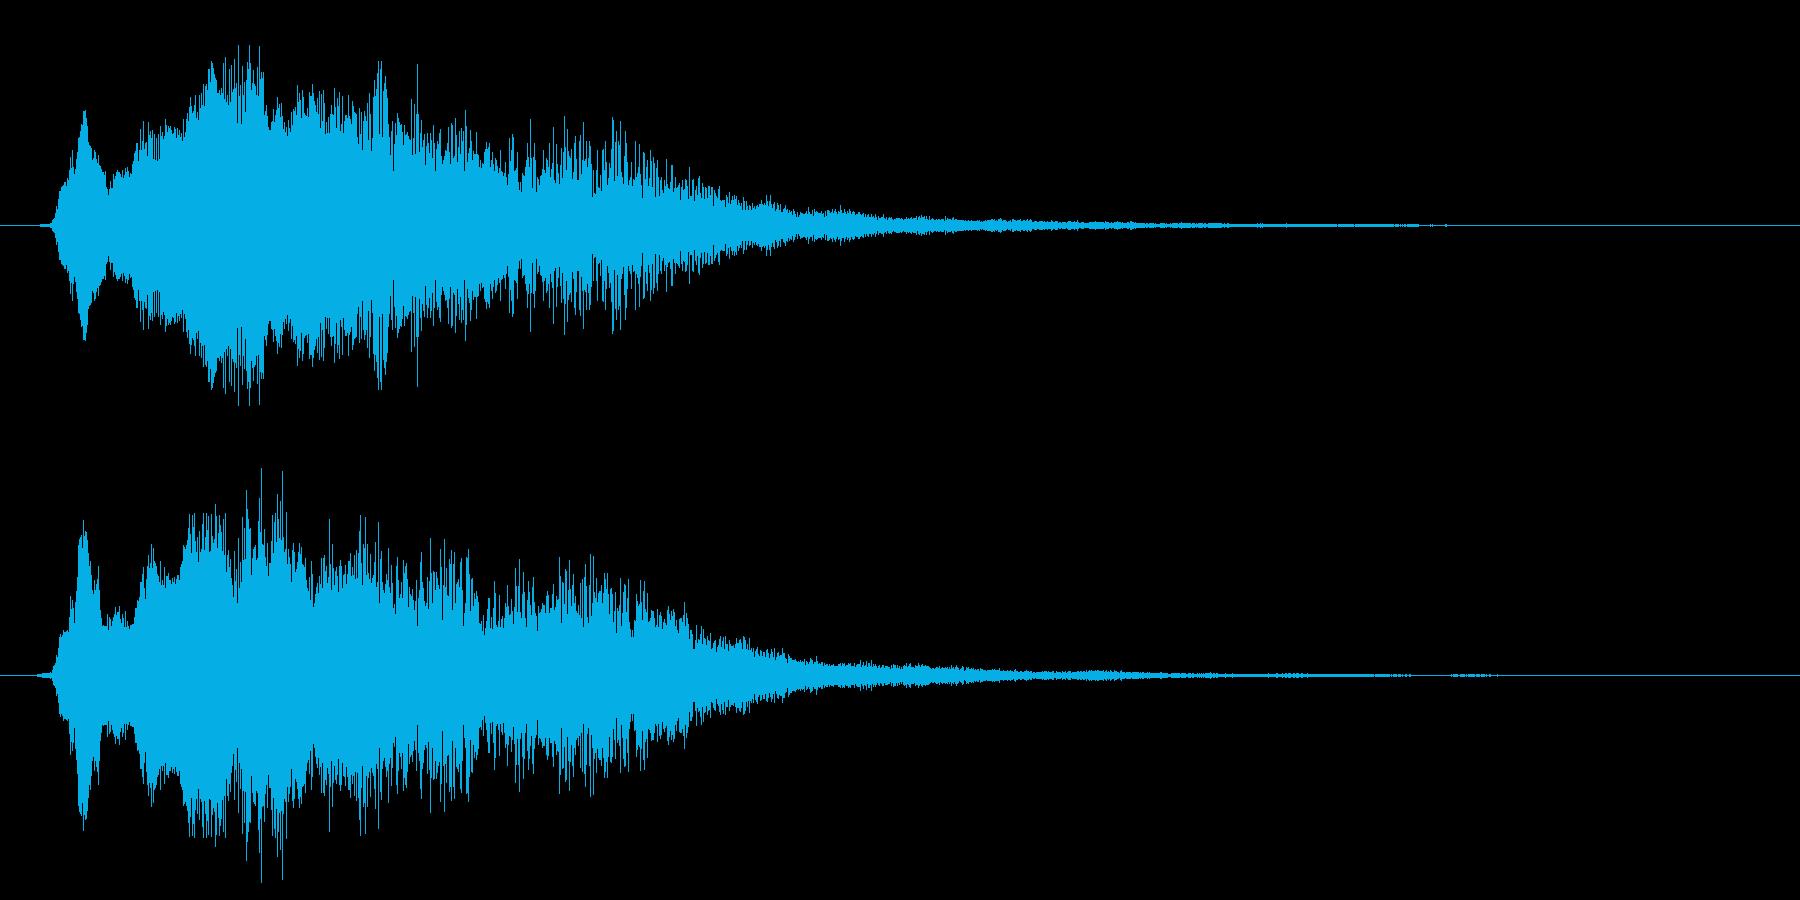 【ジングル】ホラー系アニメのアイキャッチの再生済みの波形